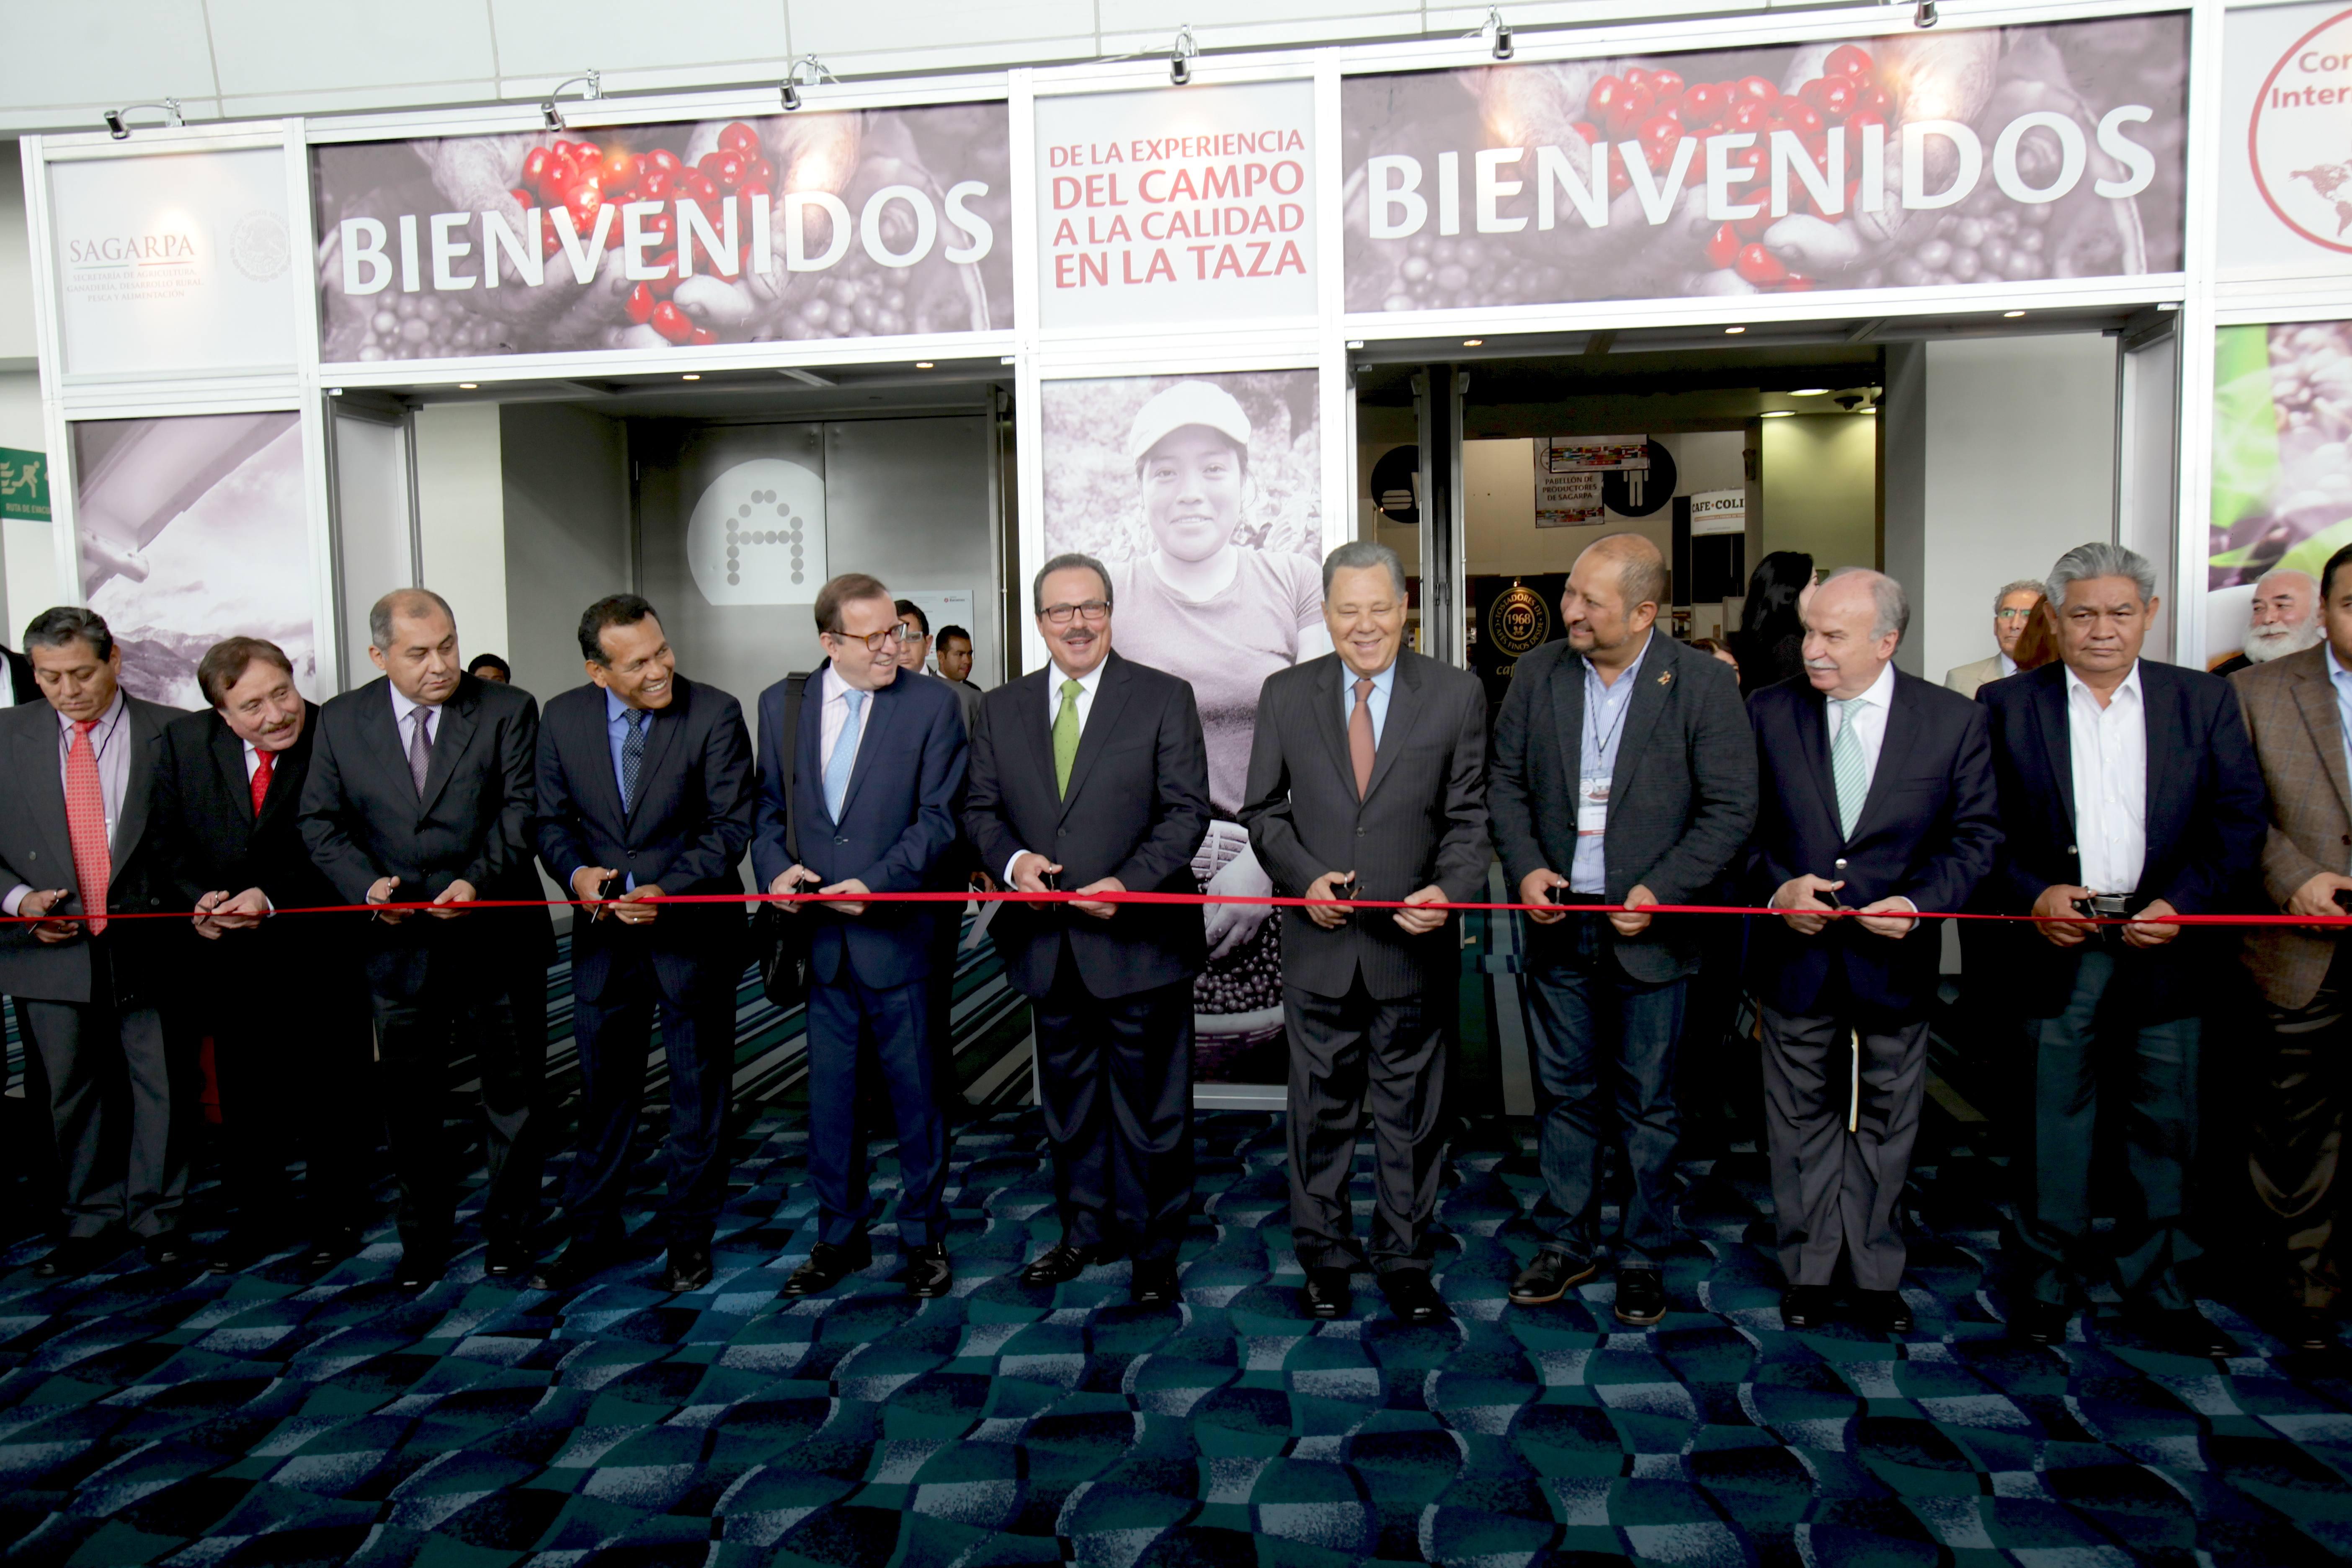 Al inaugurar la Convención Internacional del Café México 2015, el titular de la SAGARPA, Enrique Martínez y Martínez, expresó que el objetivo es renovar al menos 250 mil hectáreas de cafetales en el país.